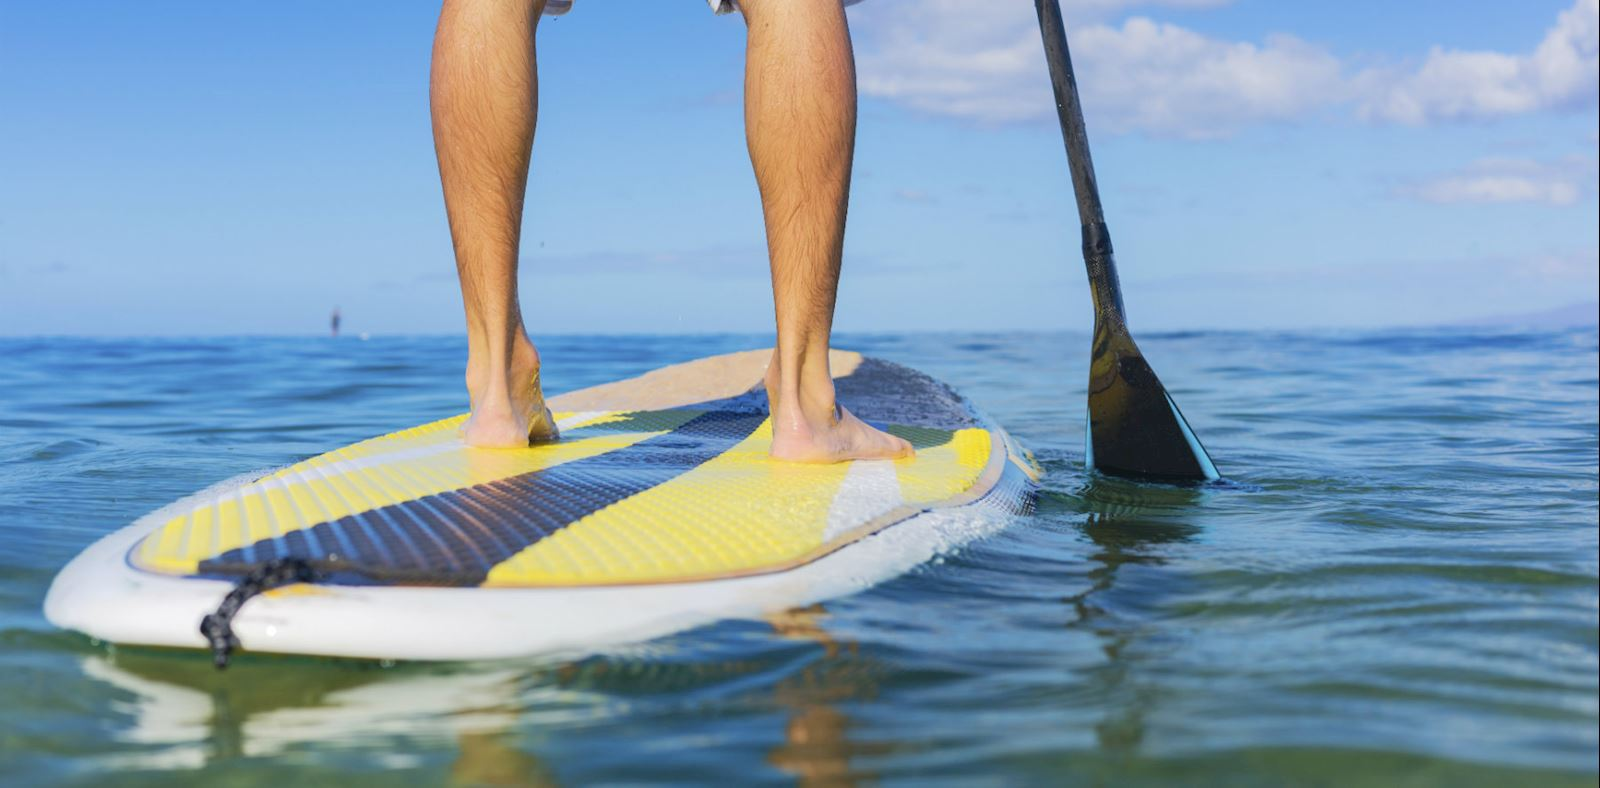 Delaware, Water Sports